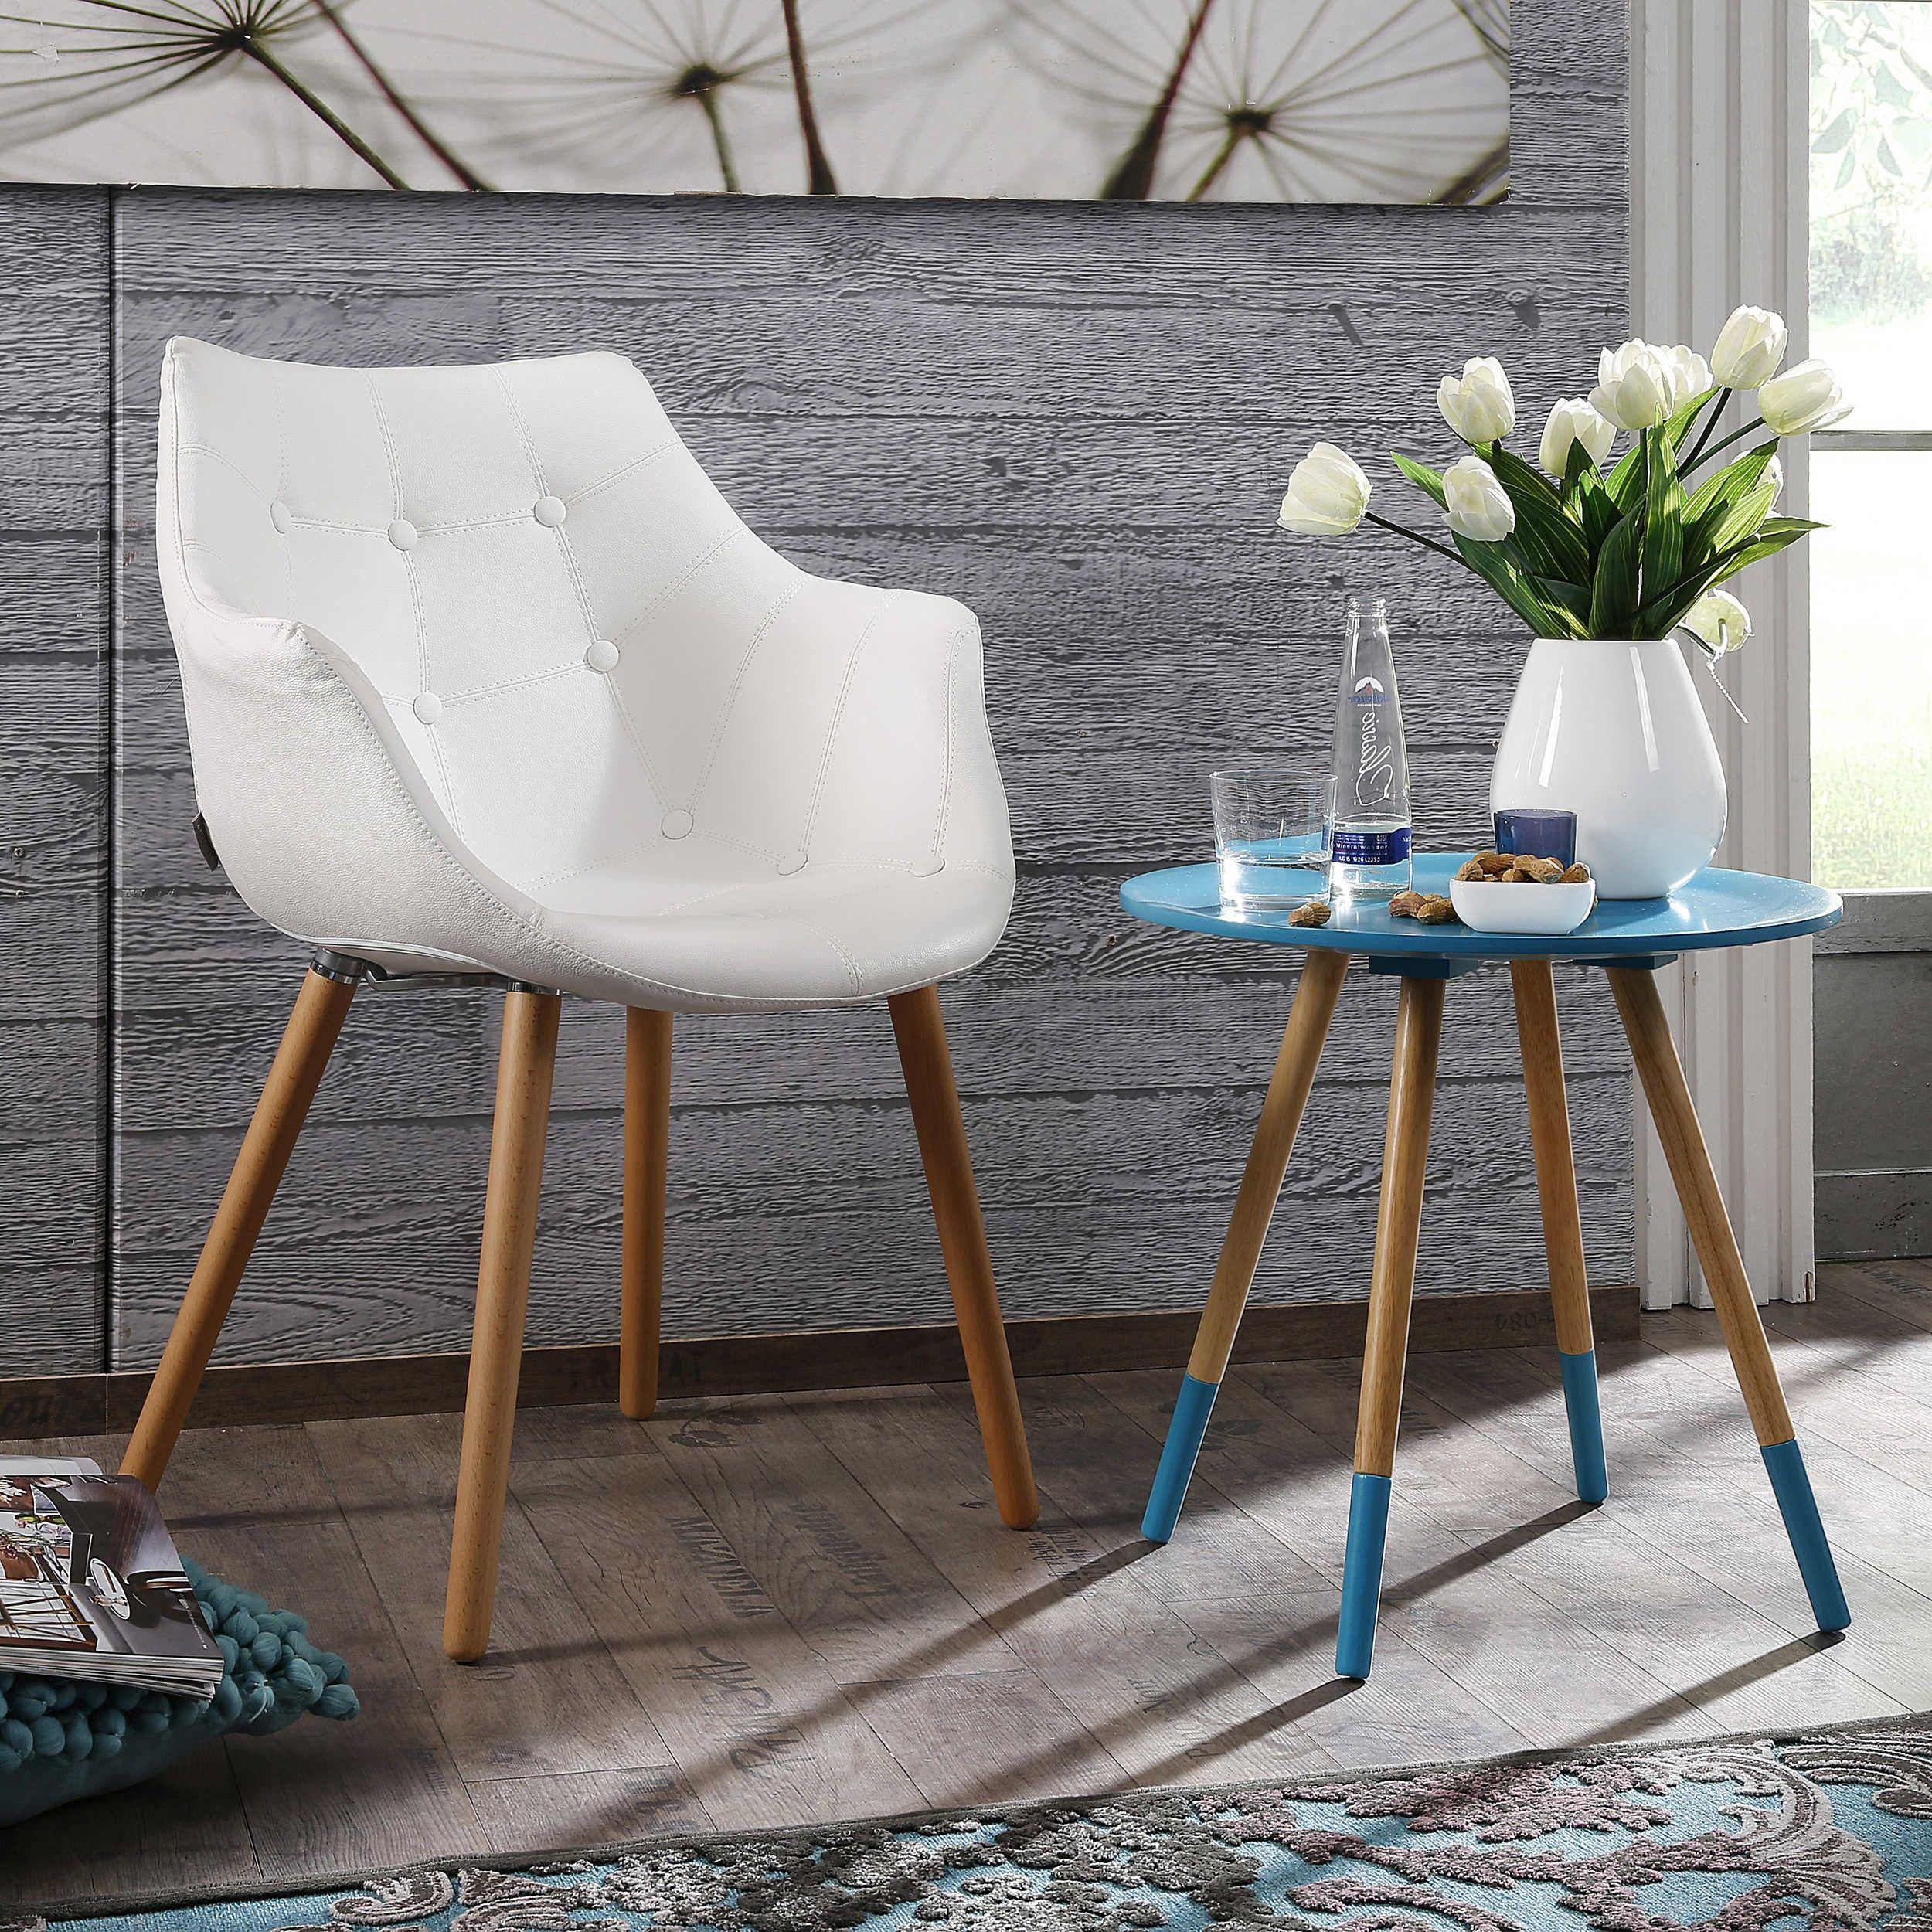 Zuiver Stuhl Eleven Weiß 4 Fuß Stühle Stühle Freischwinger